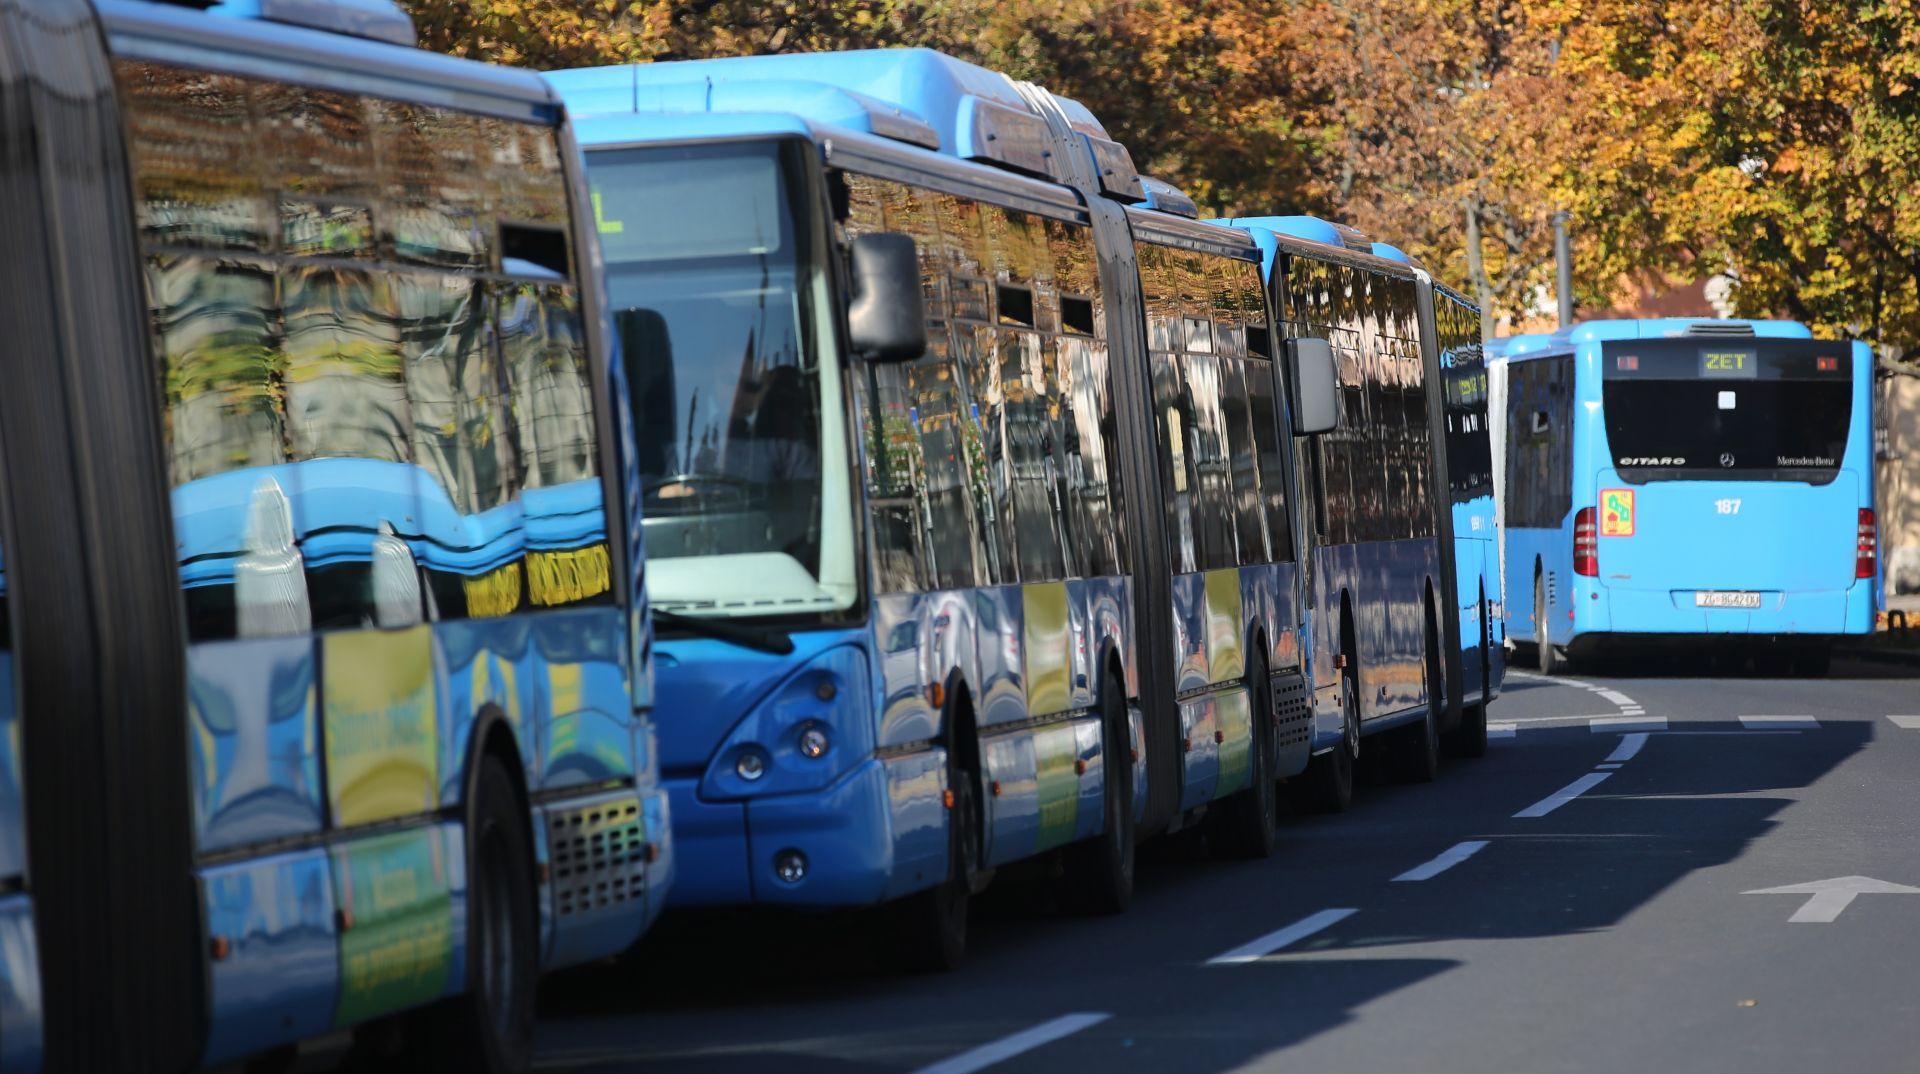 Besplatan internet u trima autobusima ZET-a, uskoro i u svim vozilima ZET-a